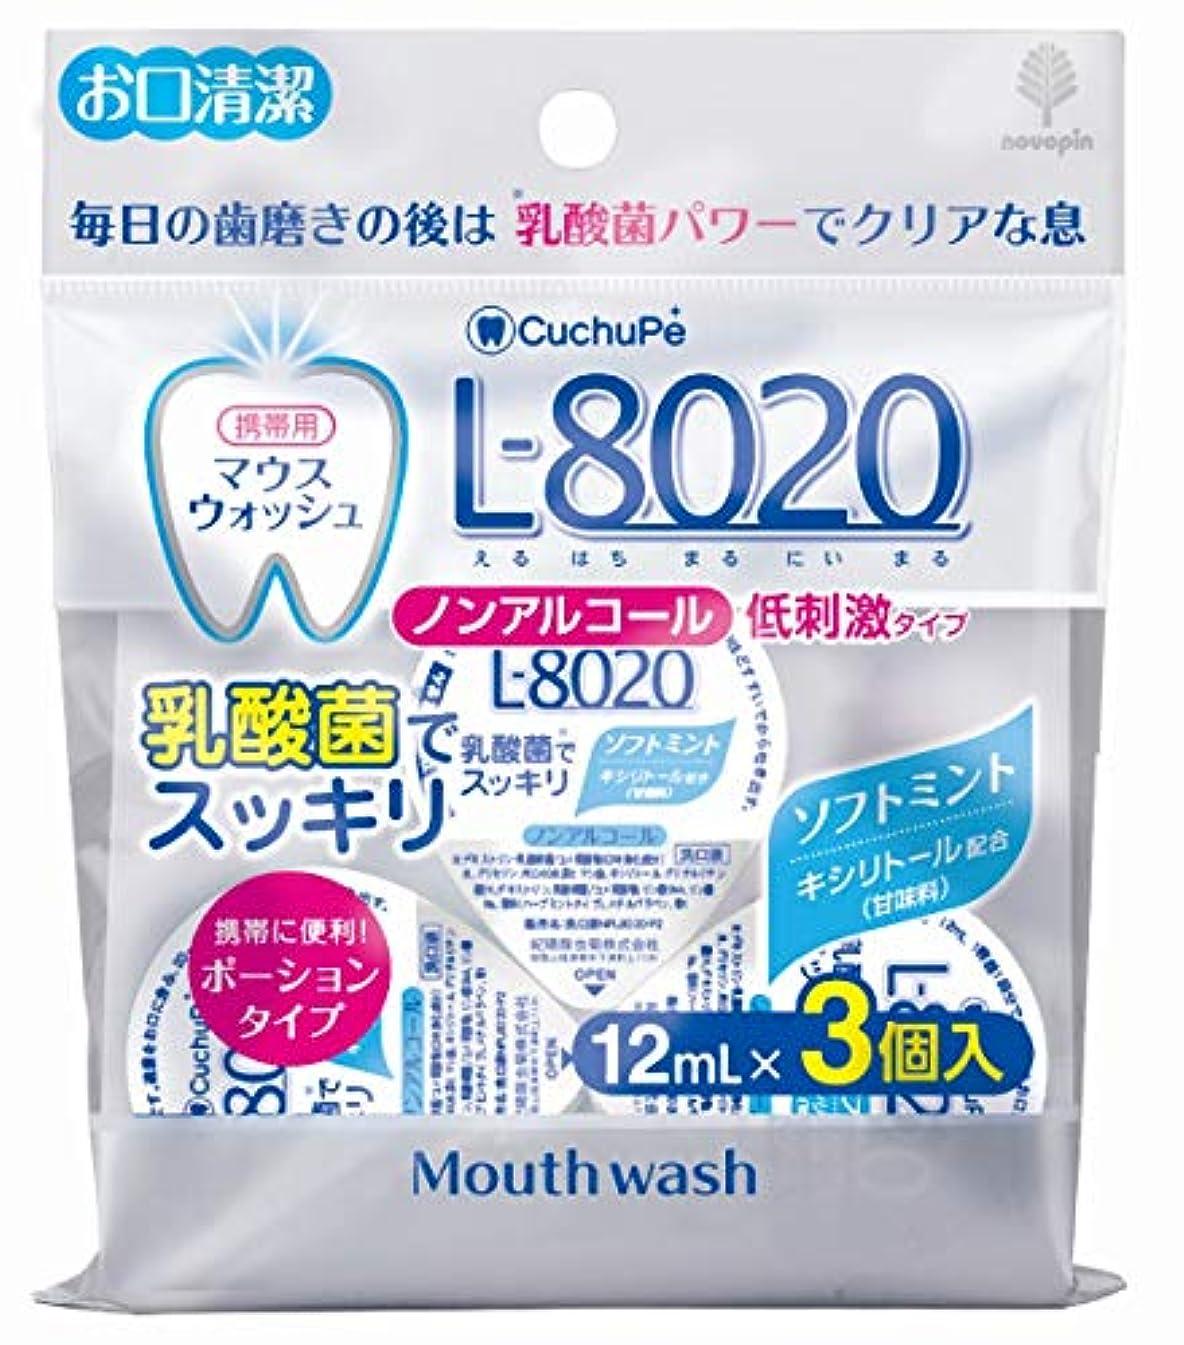 日本製 made in japan クチュッペL-8020 ソフトミント ポーションタイプ3個入(ノンアルコール) K-7094【まとめ買い10個セット】